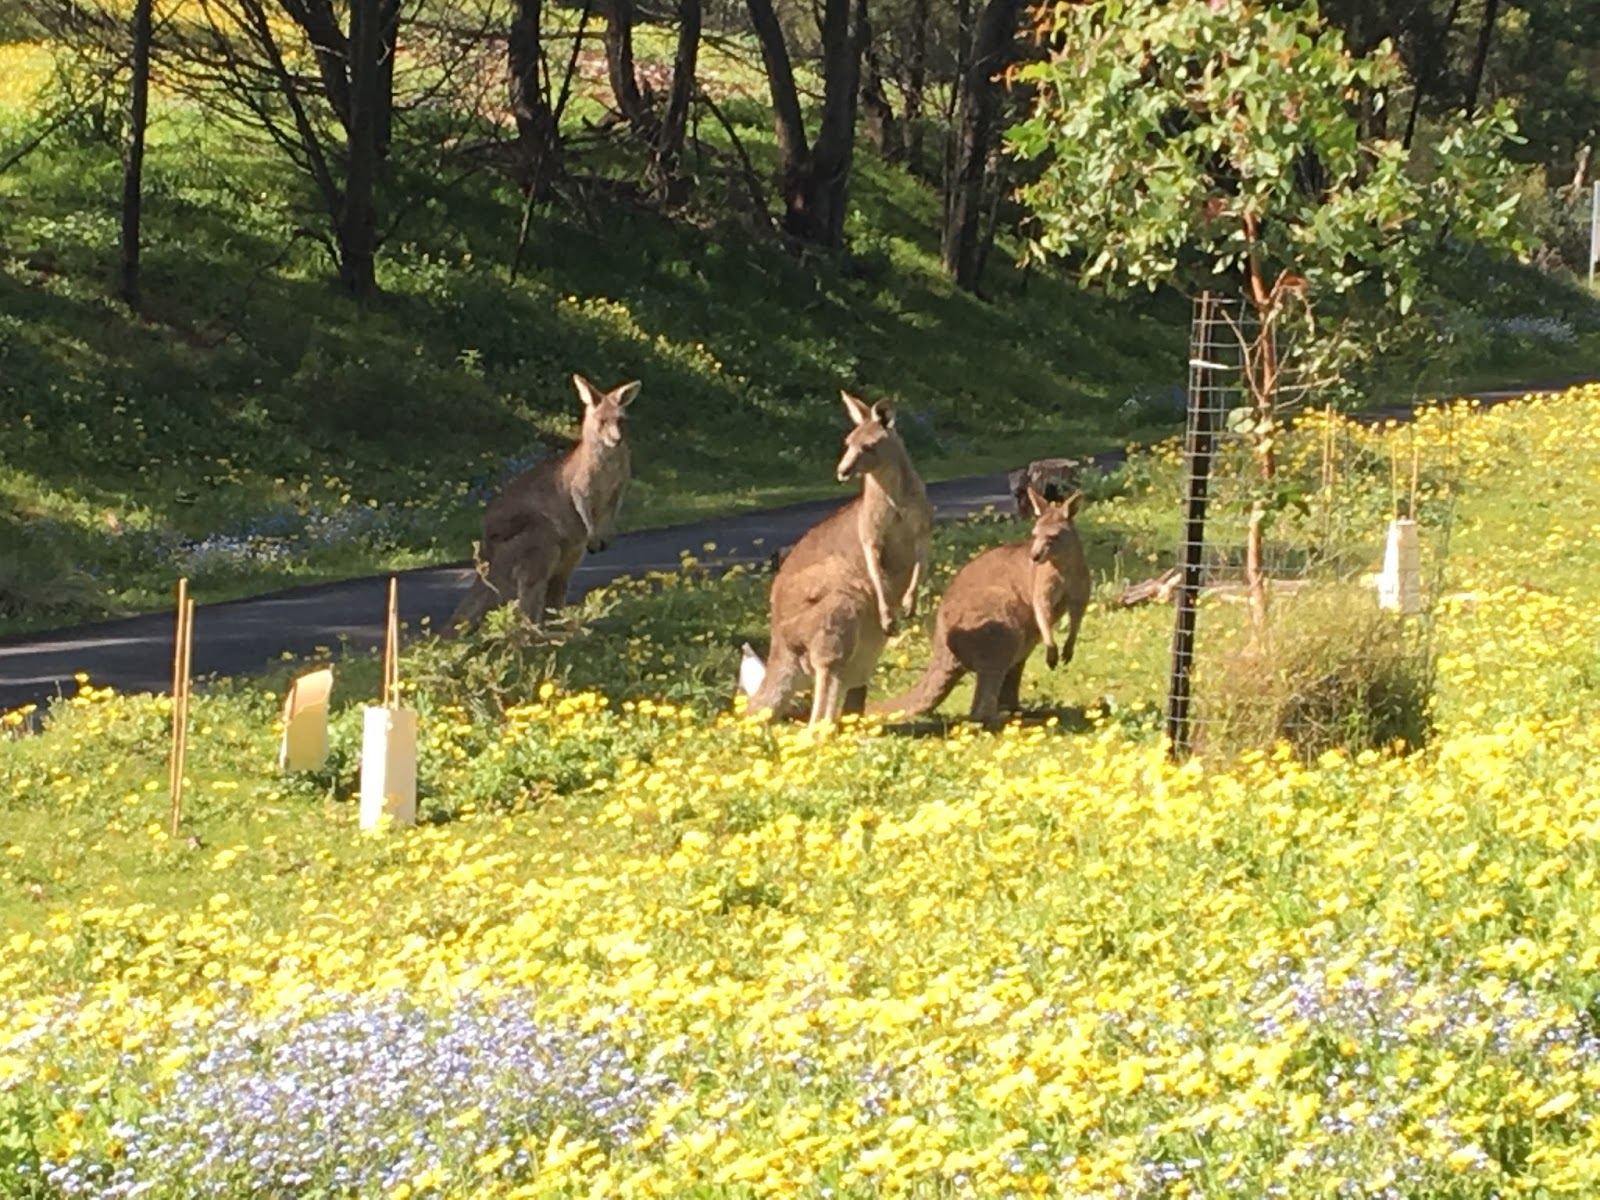 """Tower Hill Wildlife Reserve walk - Top 5 địa danh """"bí ẩn"""" ở Victoria bạn cần check-in ngay"""